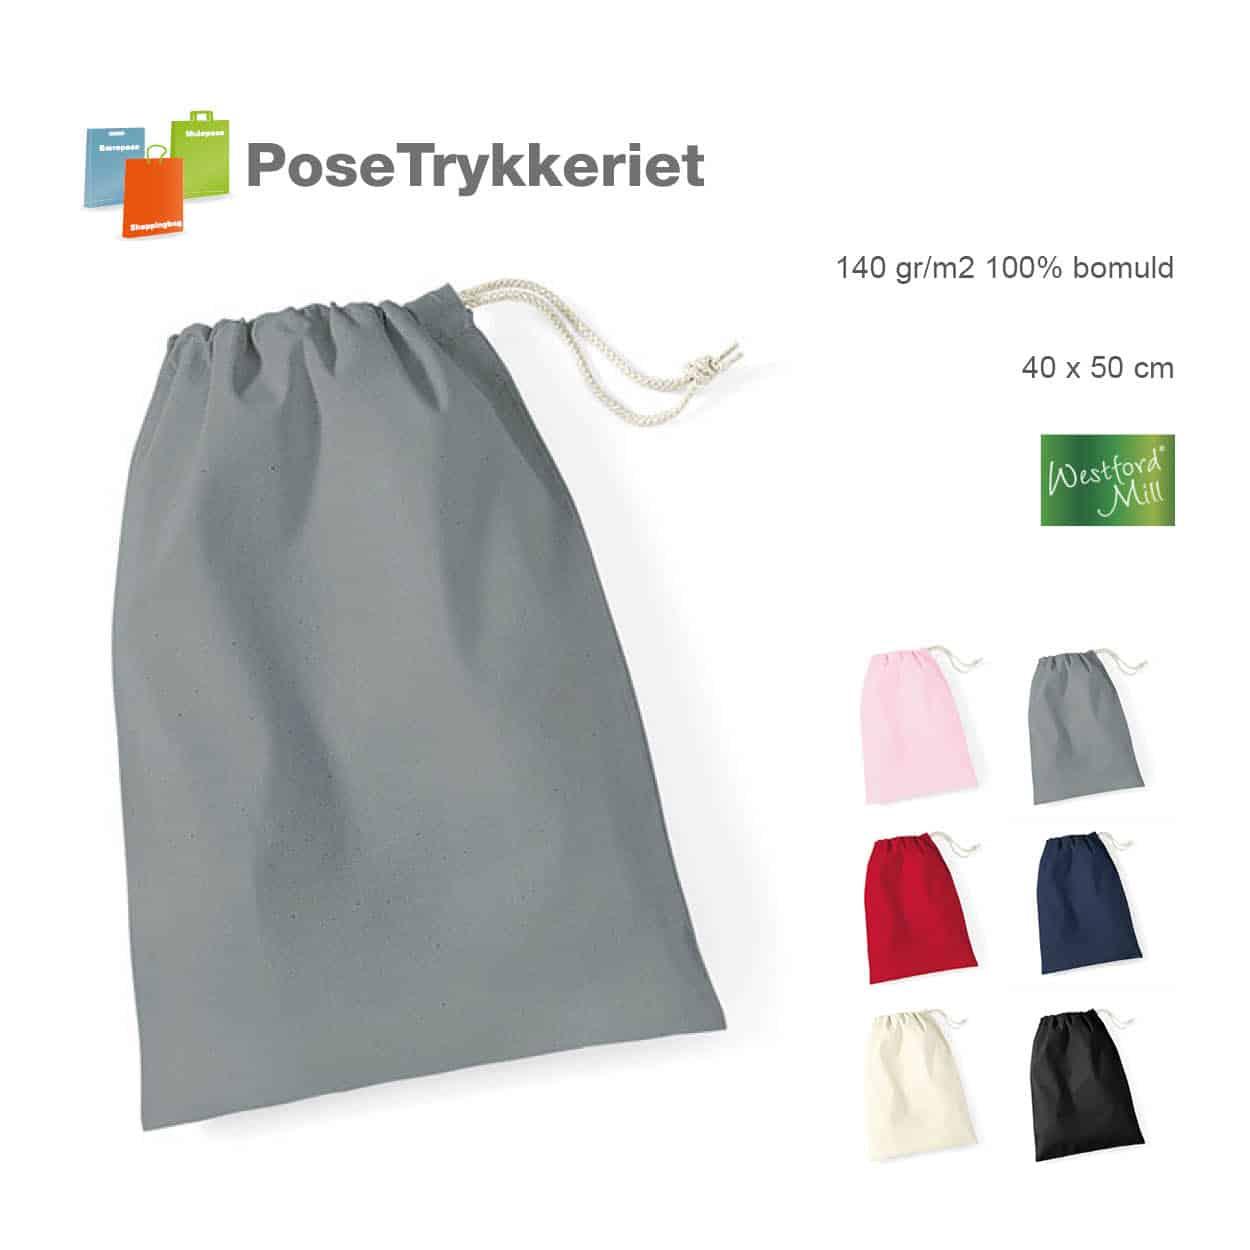 Stofposer til stegepander, med logotryk. Posetrykkeriet.dk